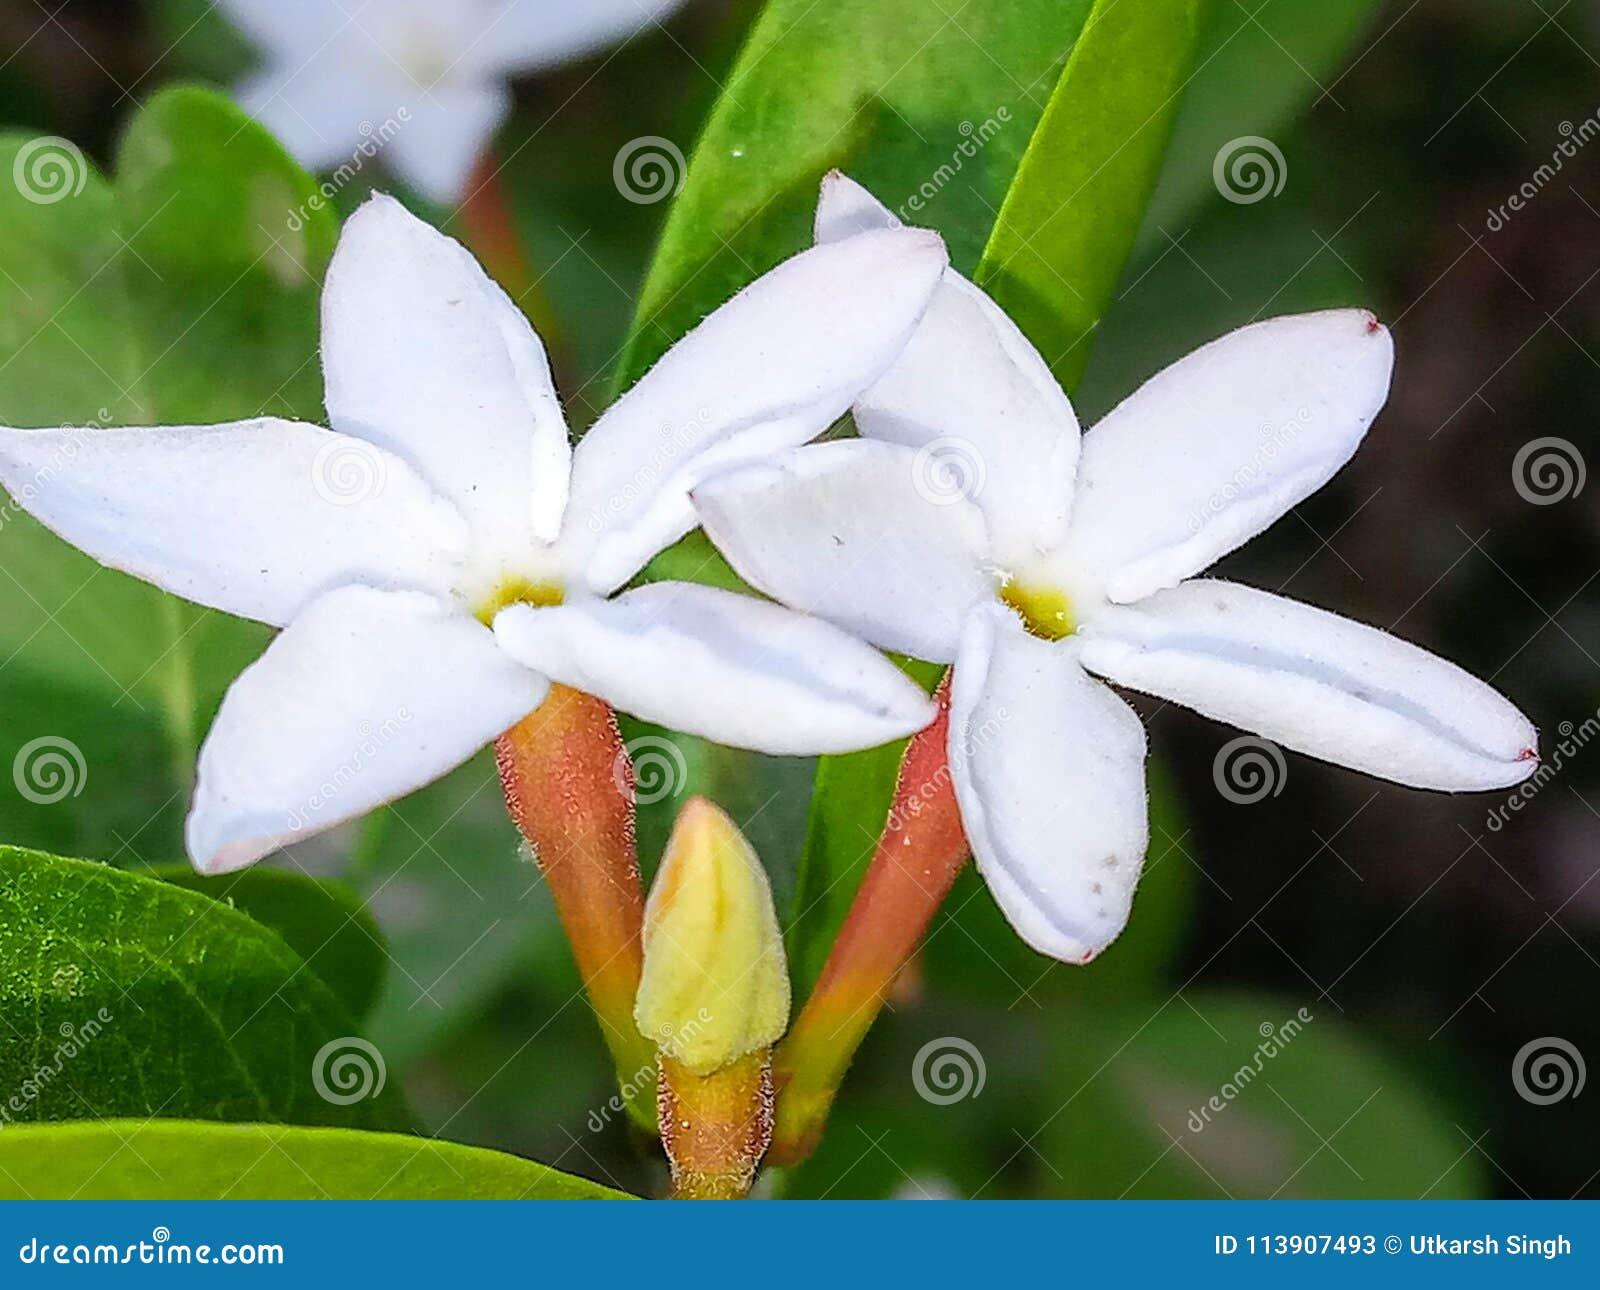 Flower Stock Image Image Of Photoshoot Whiteflower 113907493